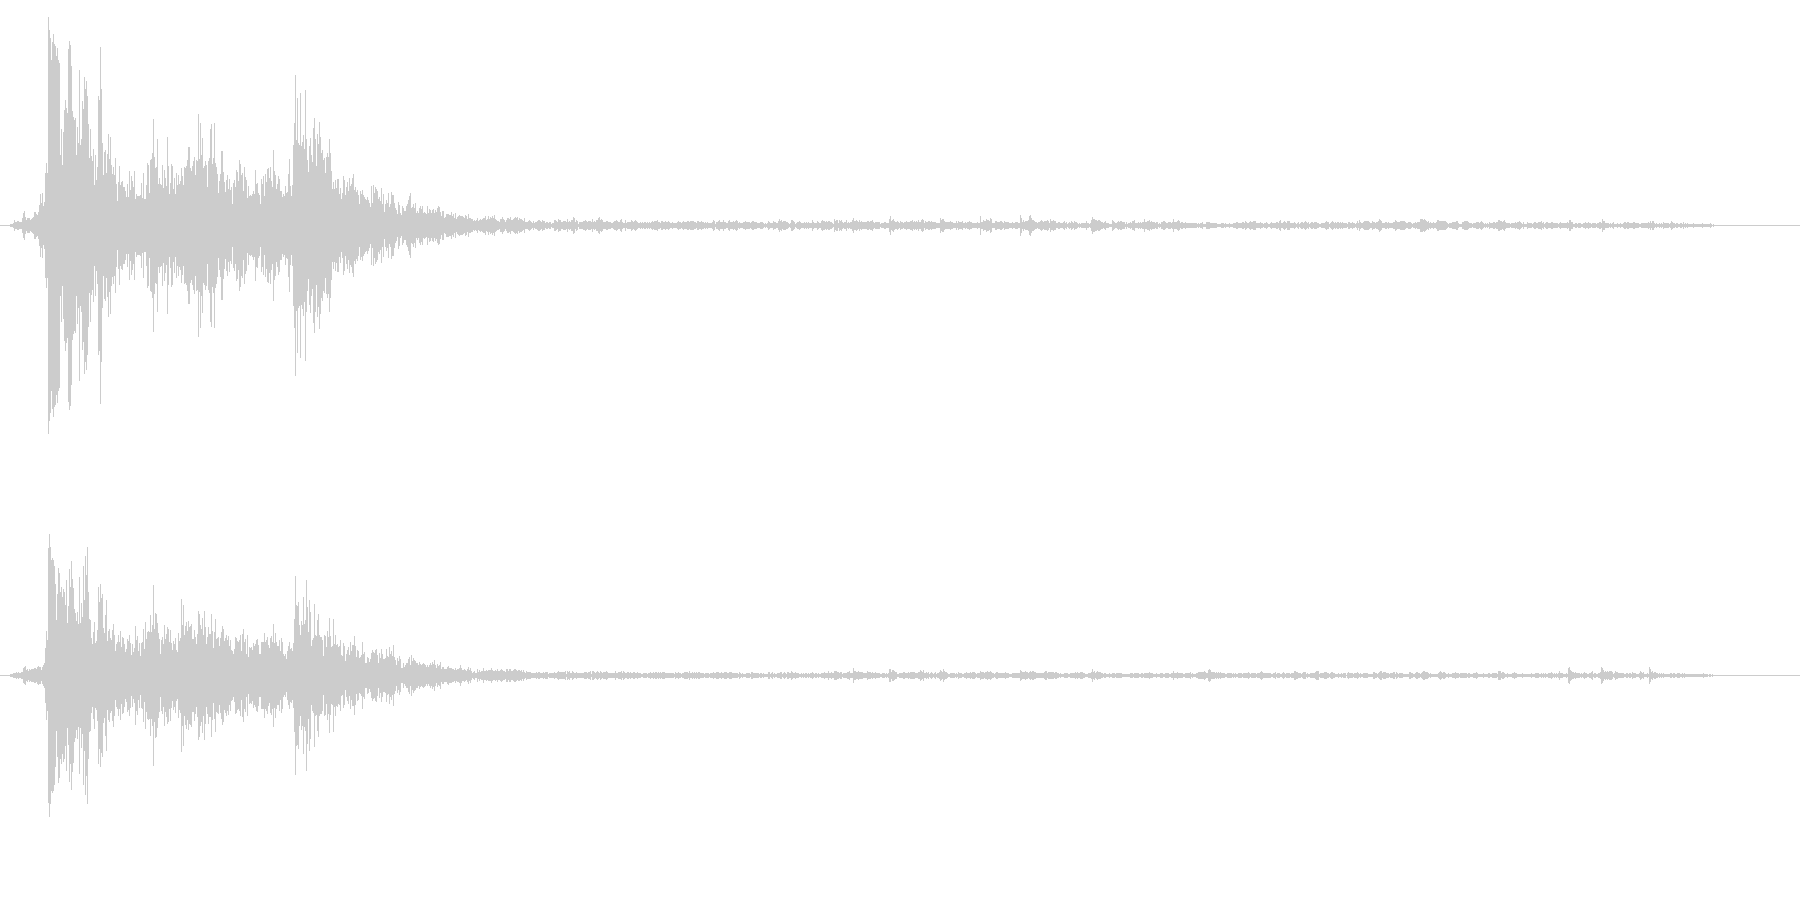 バシャッという水滴落下の音の未再生の波形